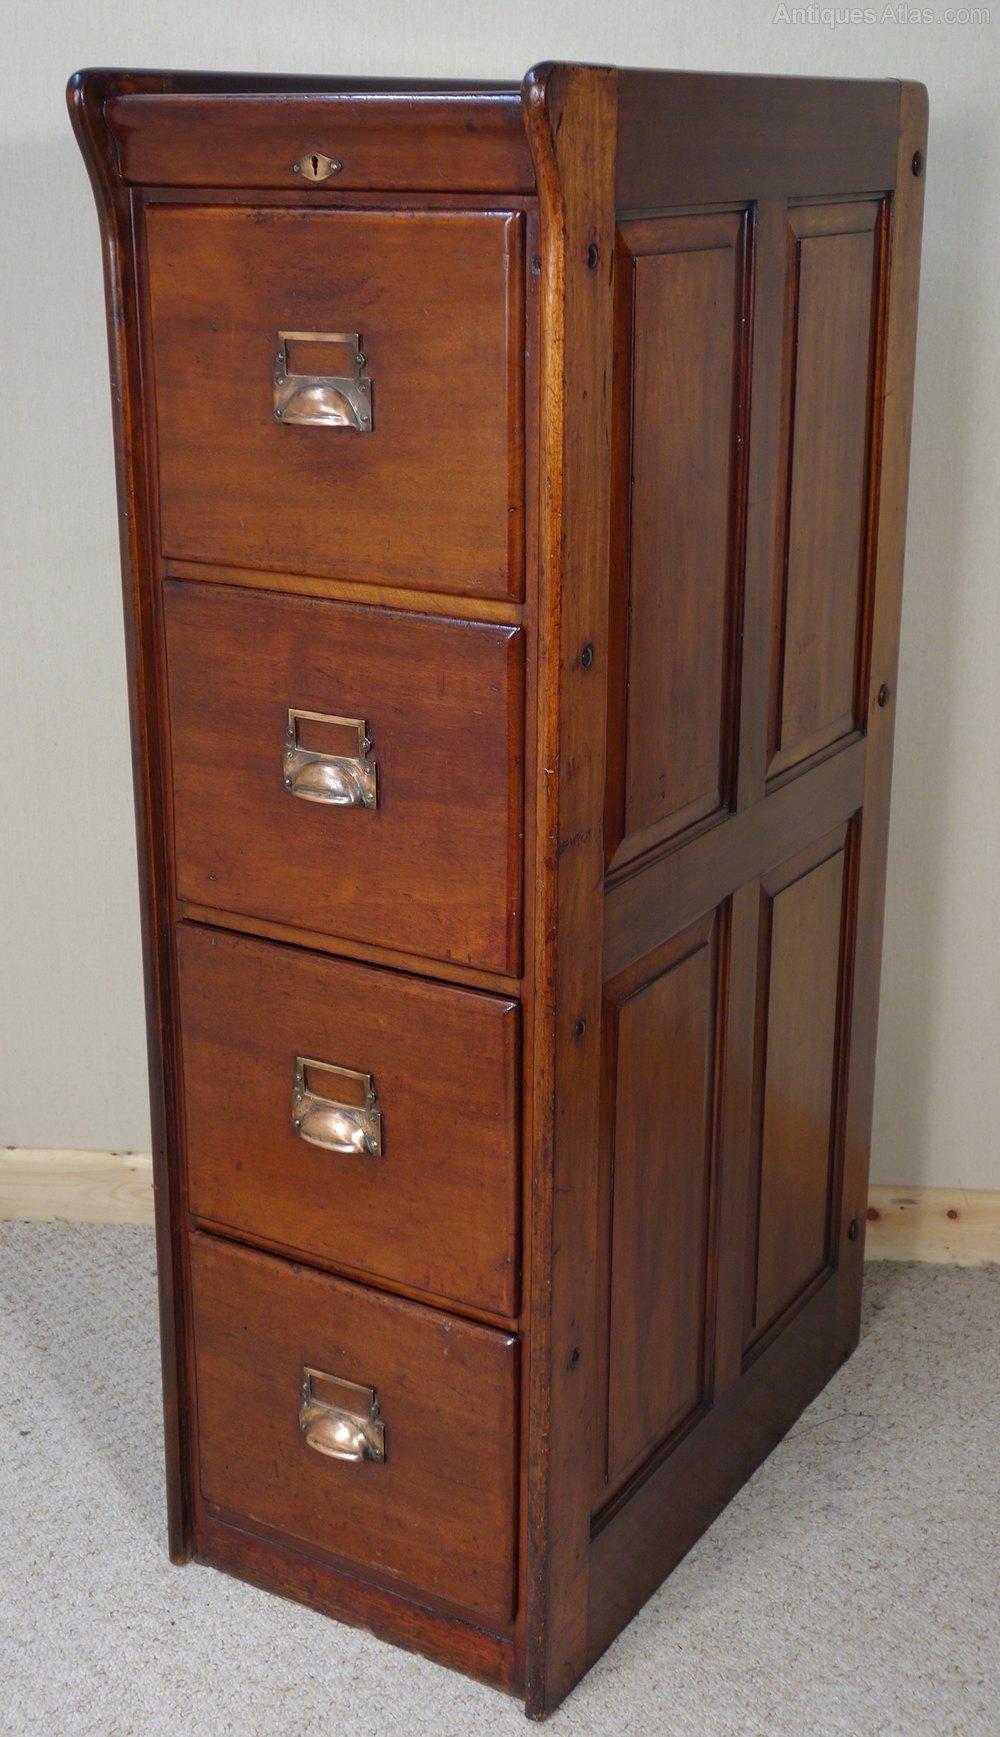 victorian mahogany filing cabinet - antiques atlas